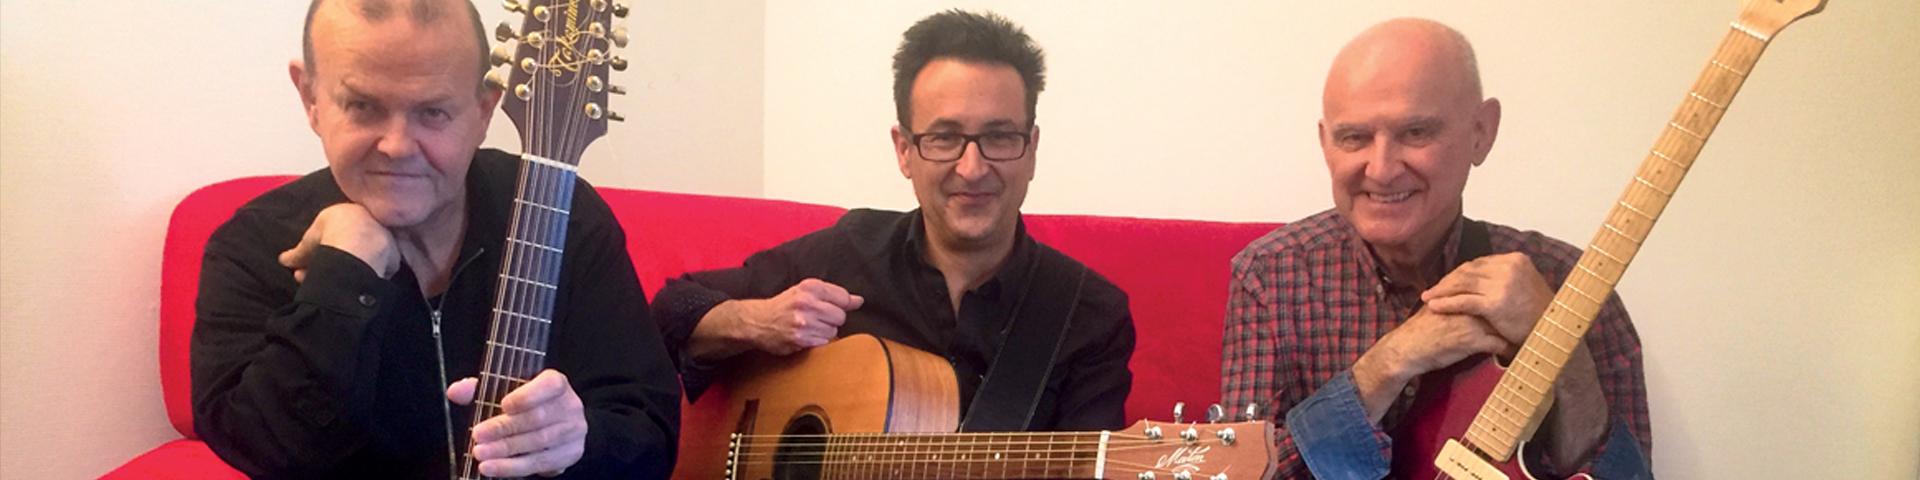 Dan Ar Braz trio guitares